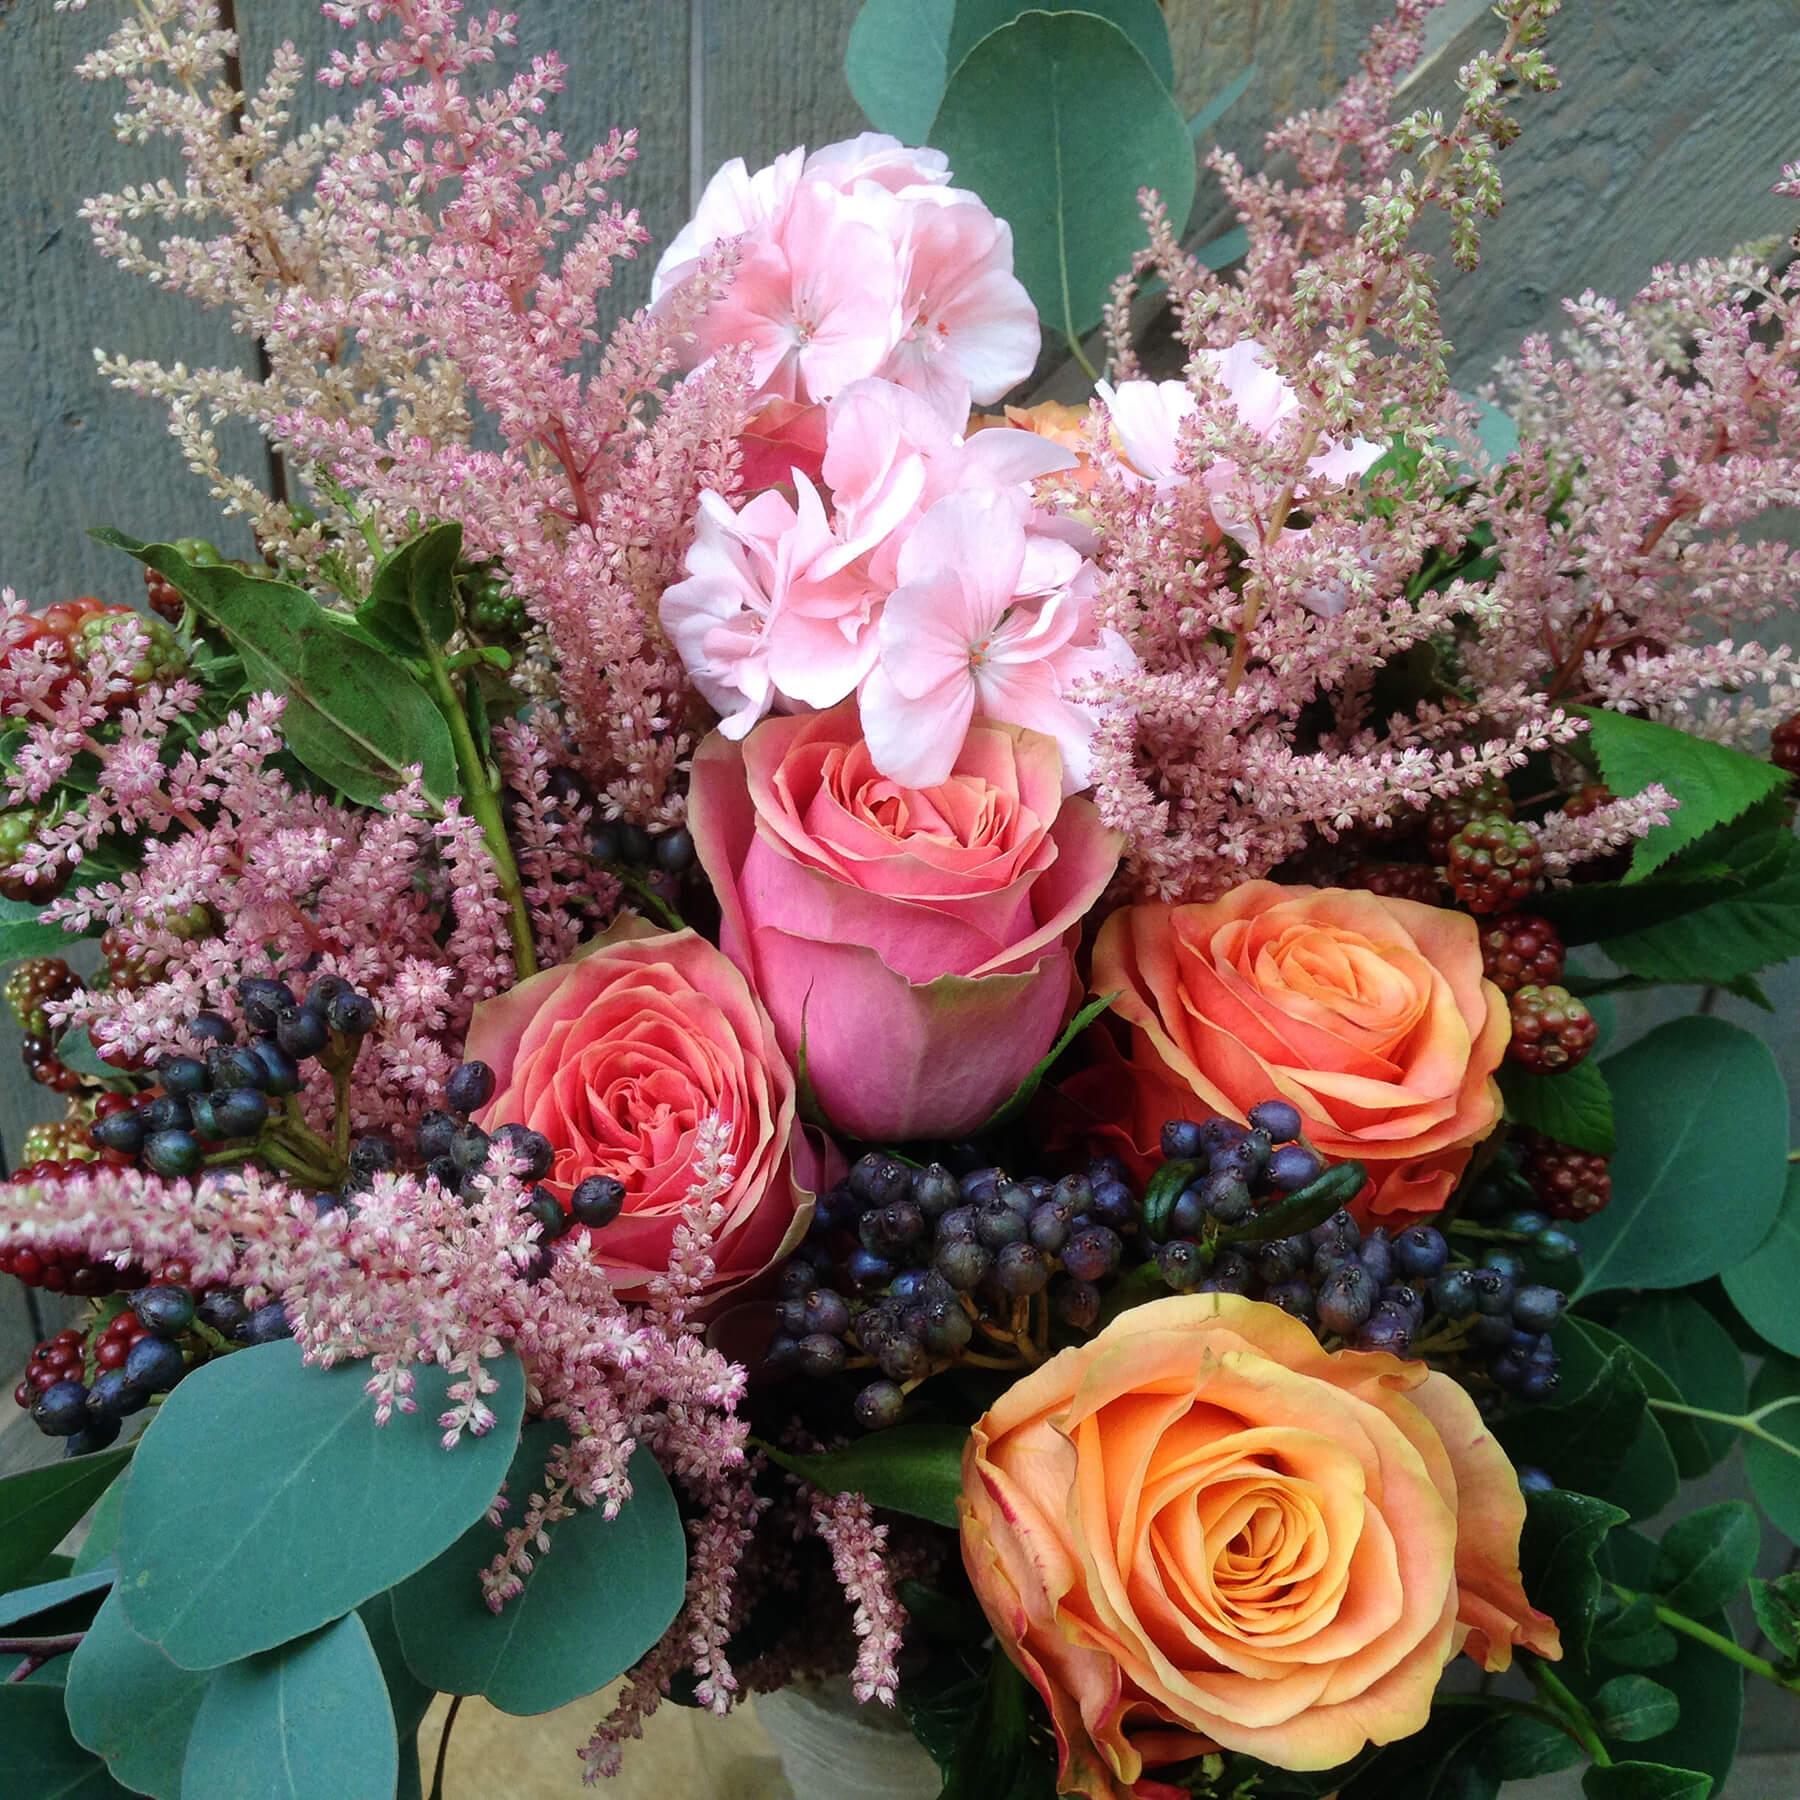 Brudbukett i vild och yvig stil med inslag av trädgårdsväxter som pelargon, astilbe, björnbär och viburnum. Rosa och aprikos nyanser blandas med mörkblått och grönt.